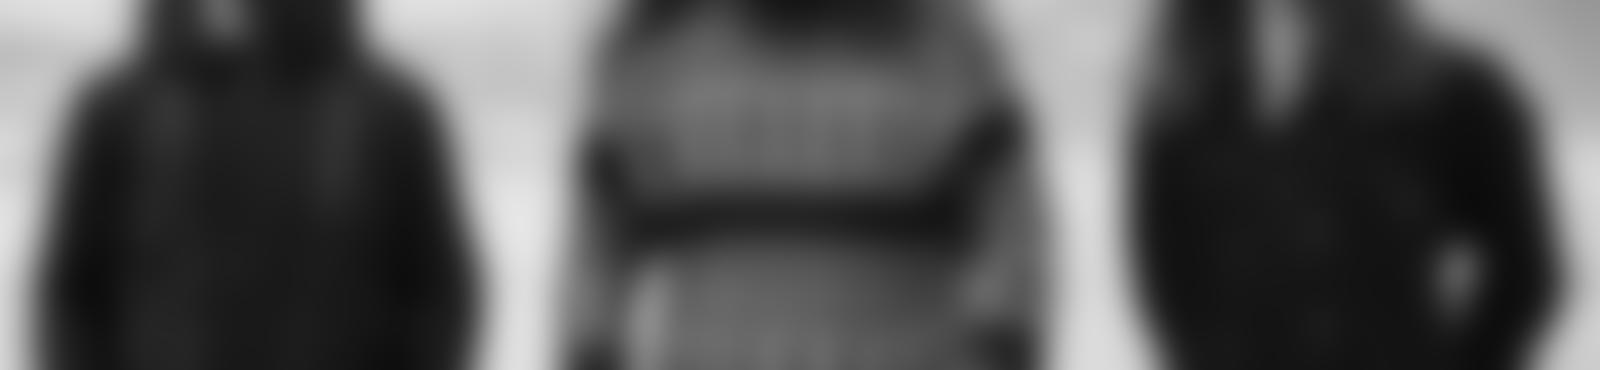 Blurred 6ab07e26 b15b 48de 9e96 17526cb65ca7